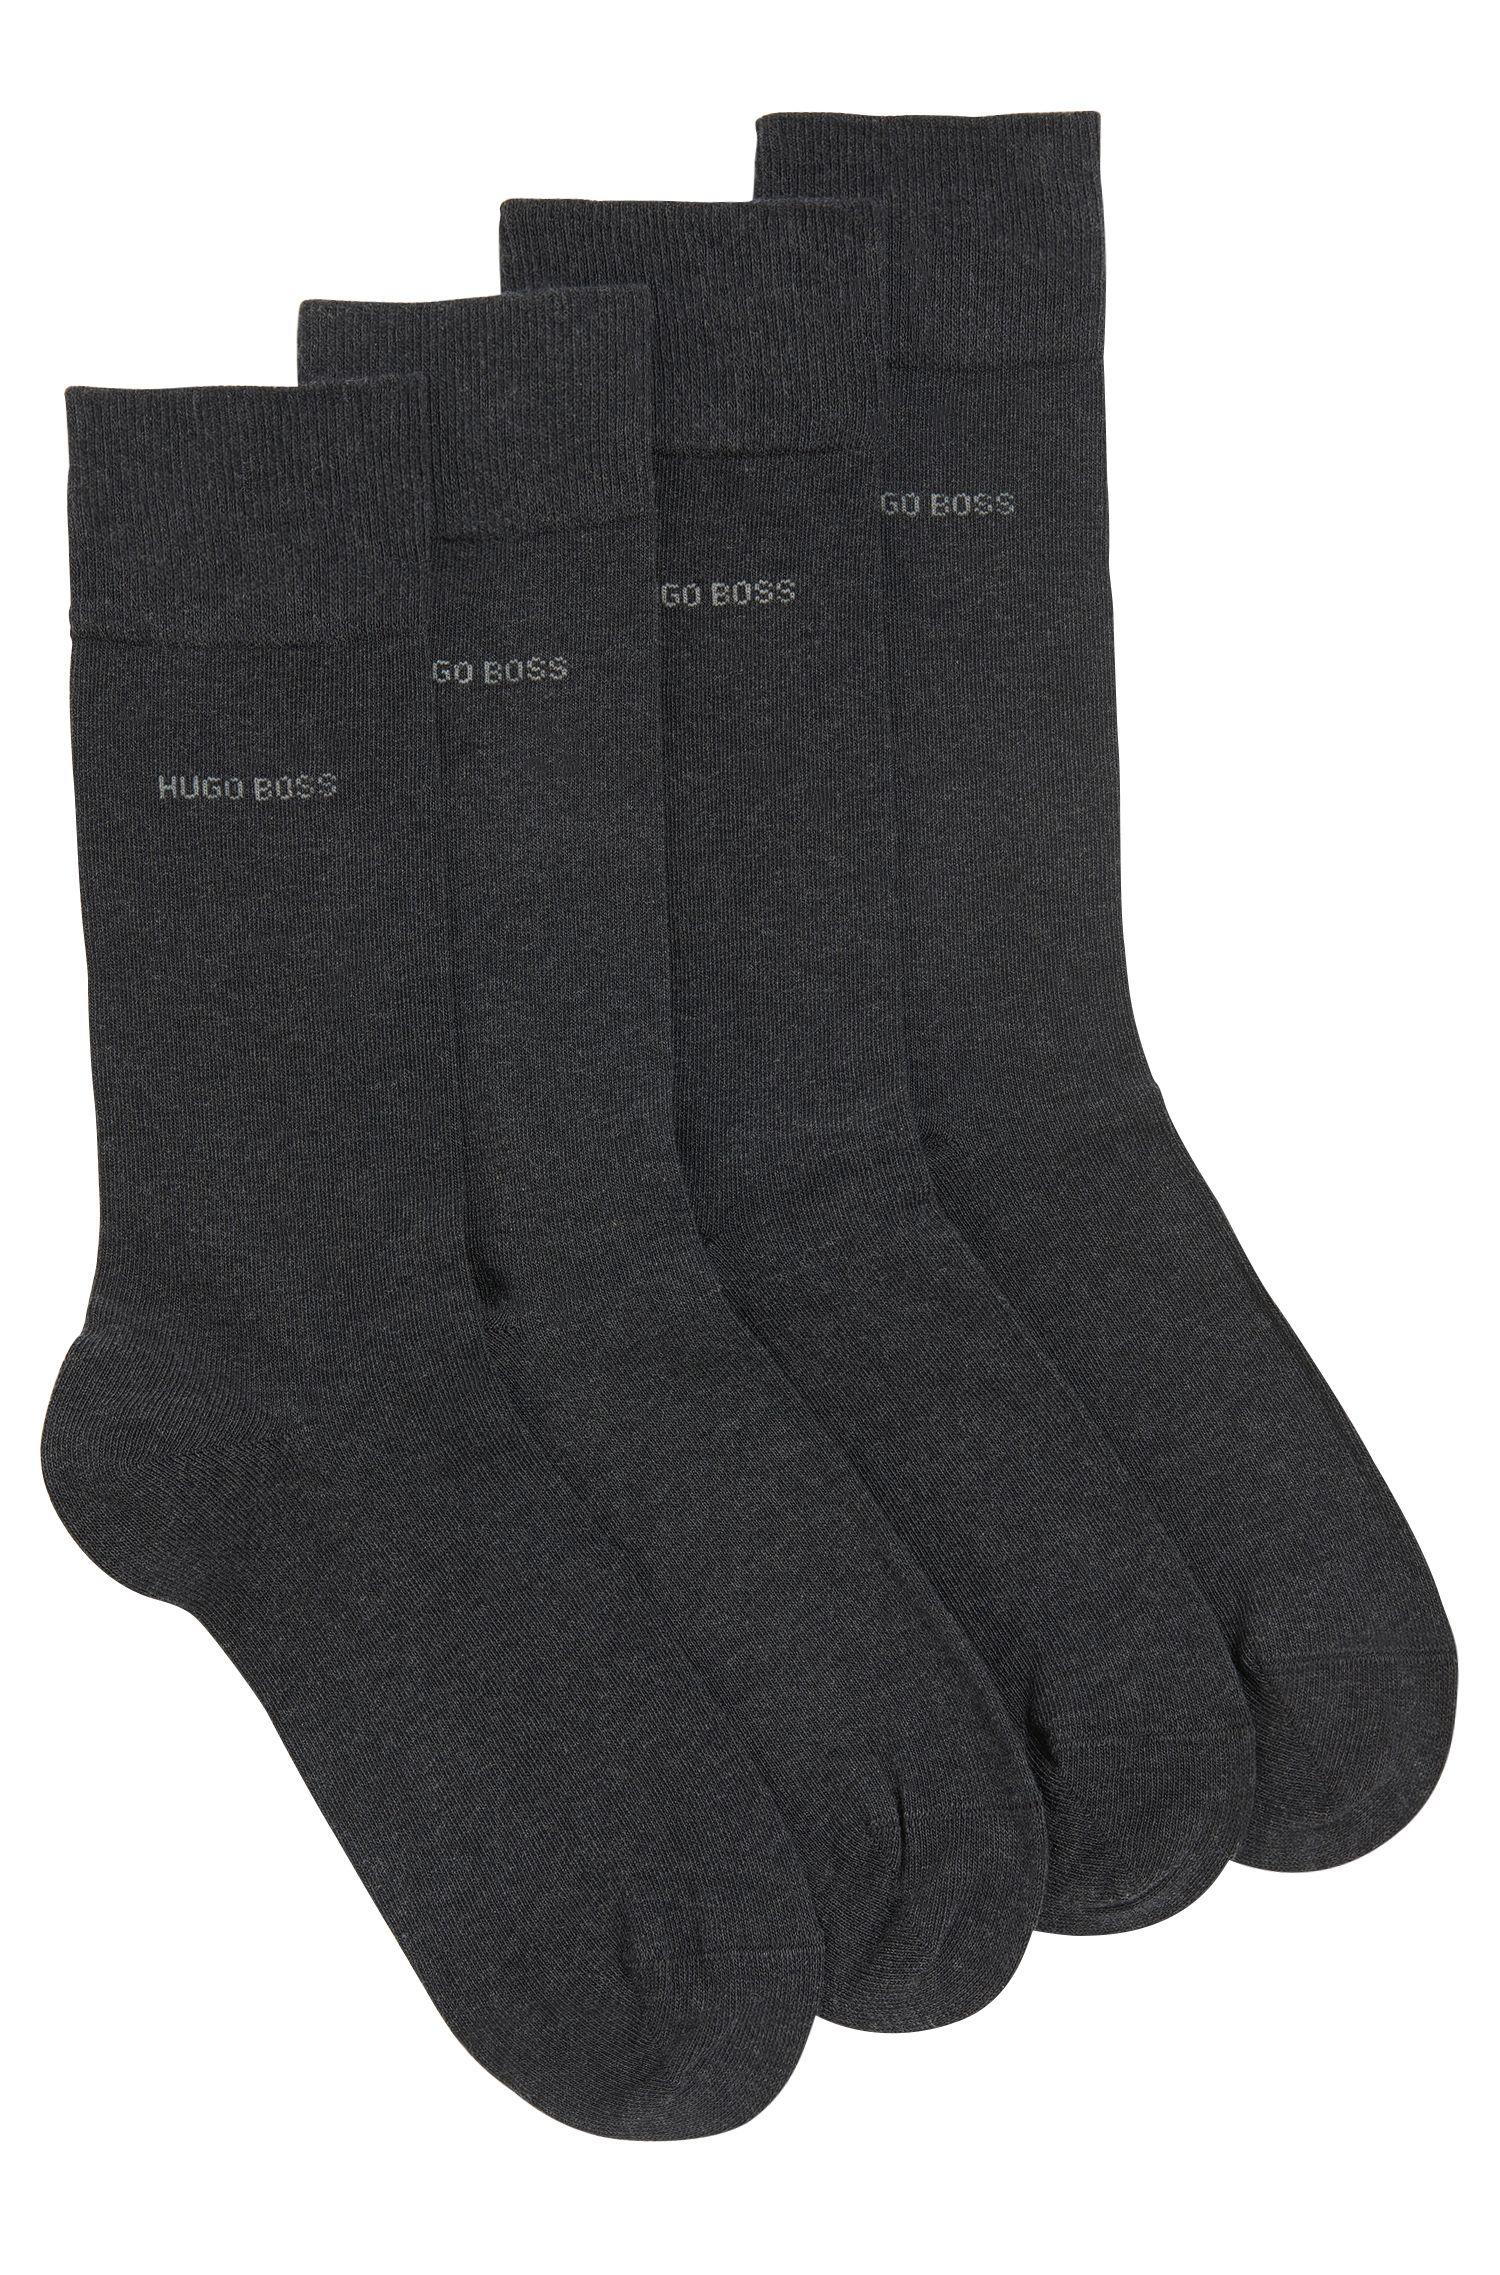 Set van twee paar sokken van een katoenmix met een normale lengte